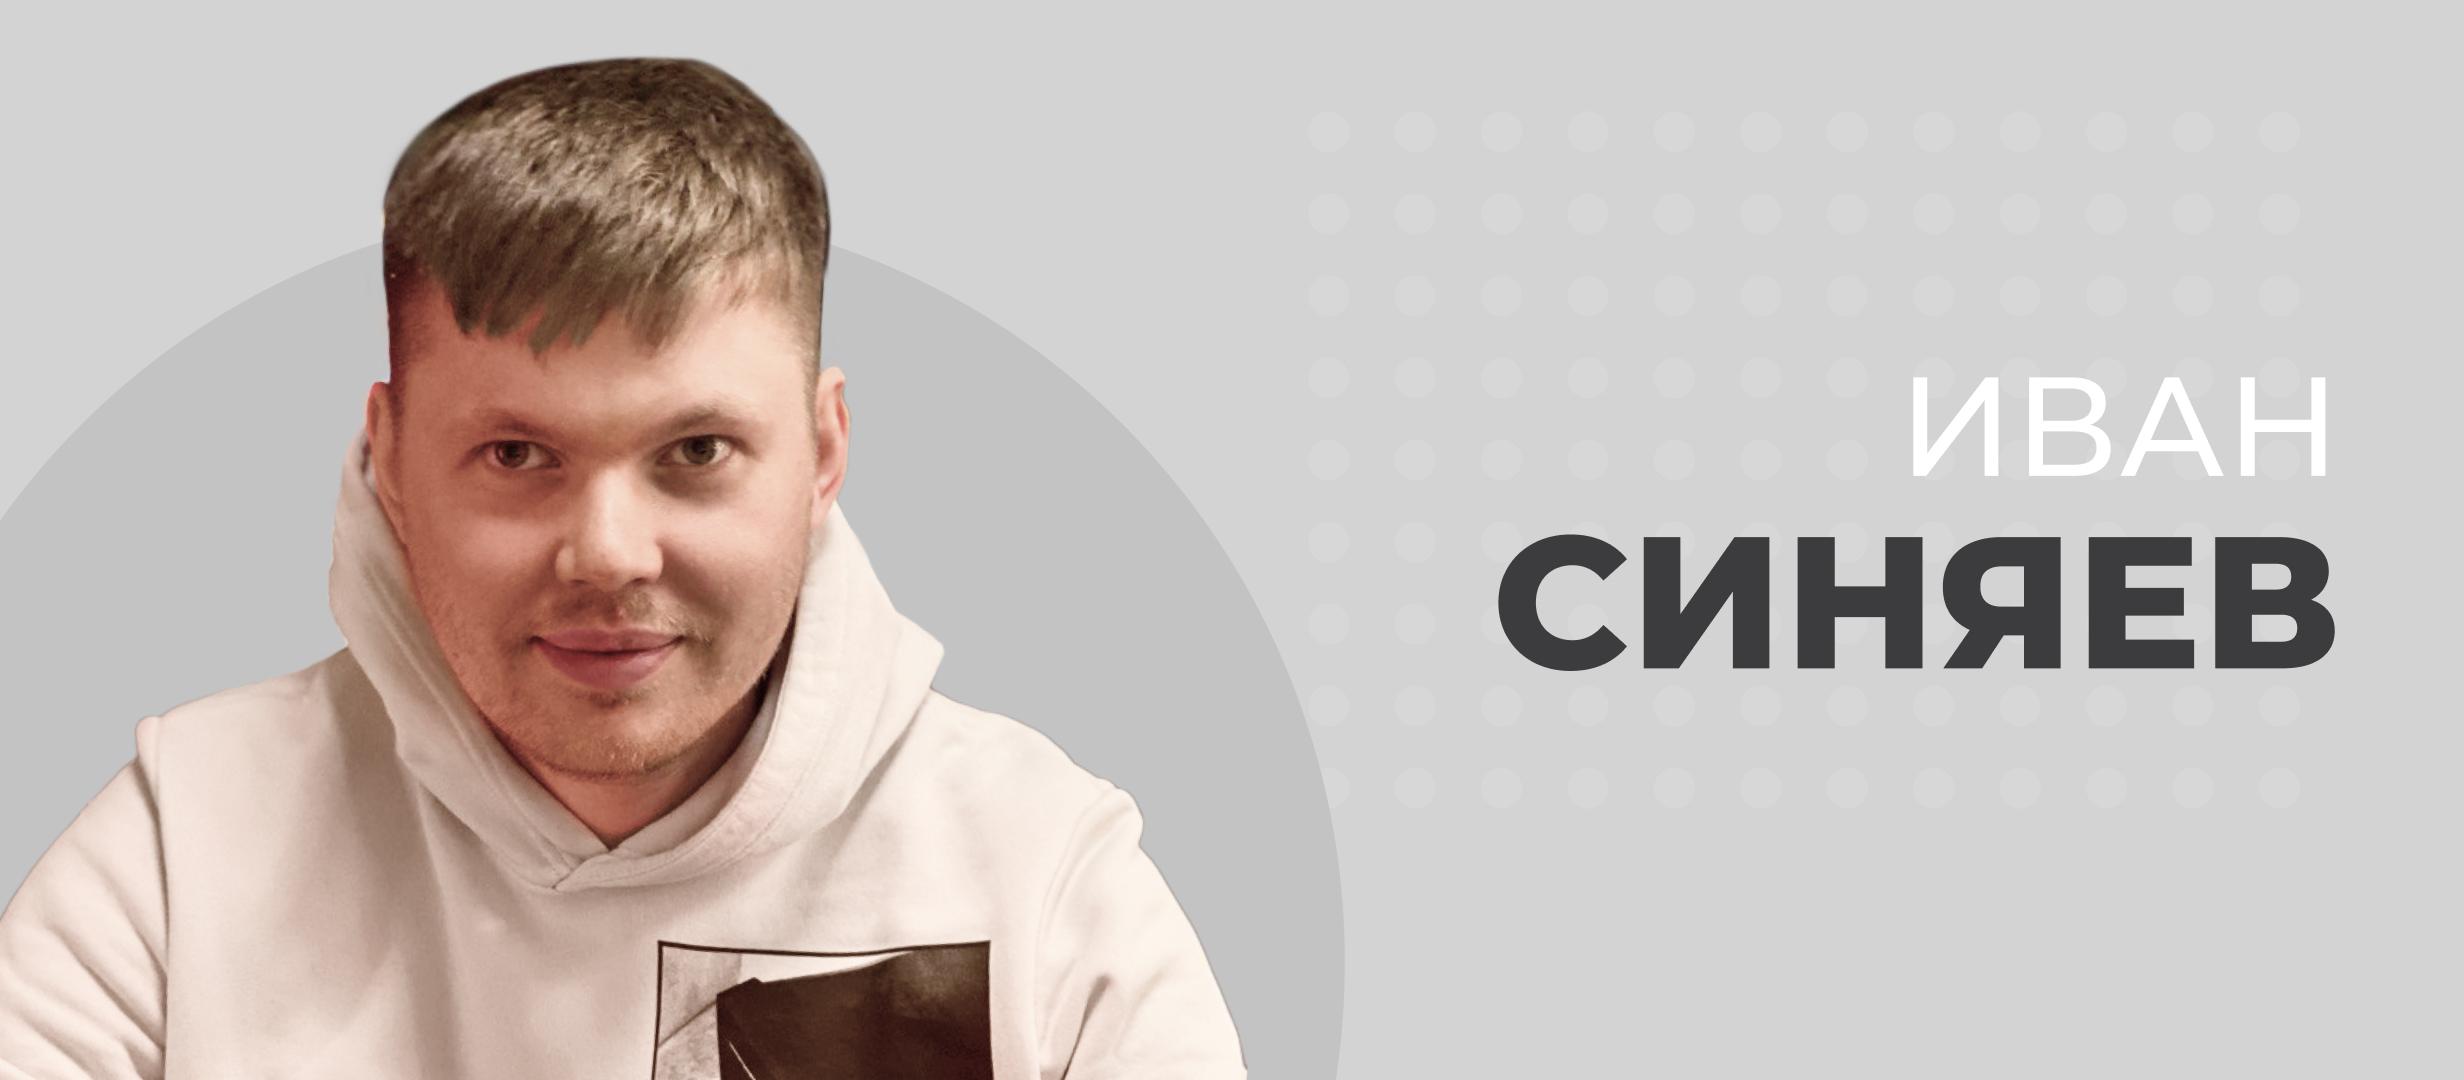 Иван Синяев: «СРА-сети уйдут в узкую нишу»